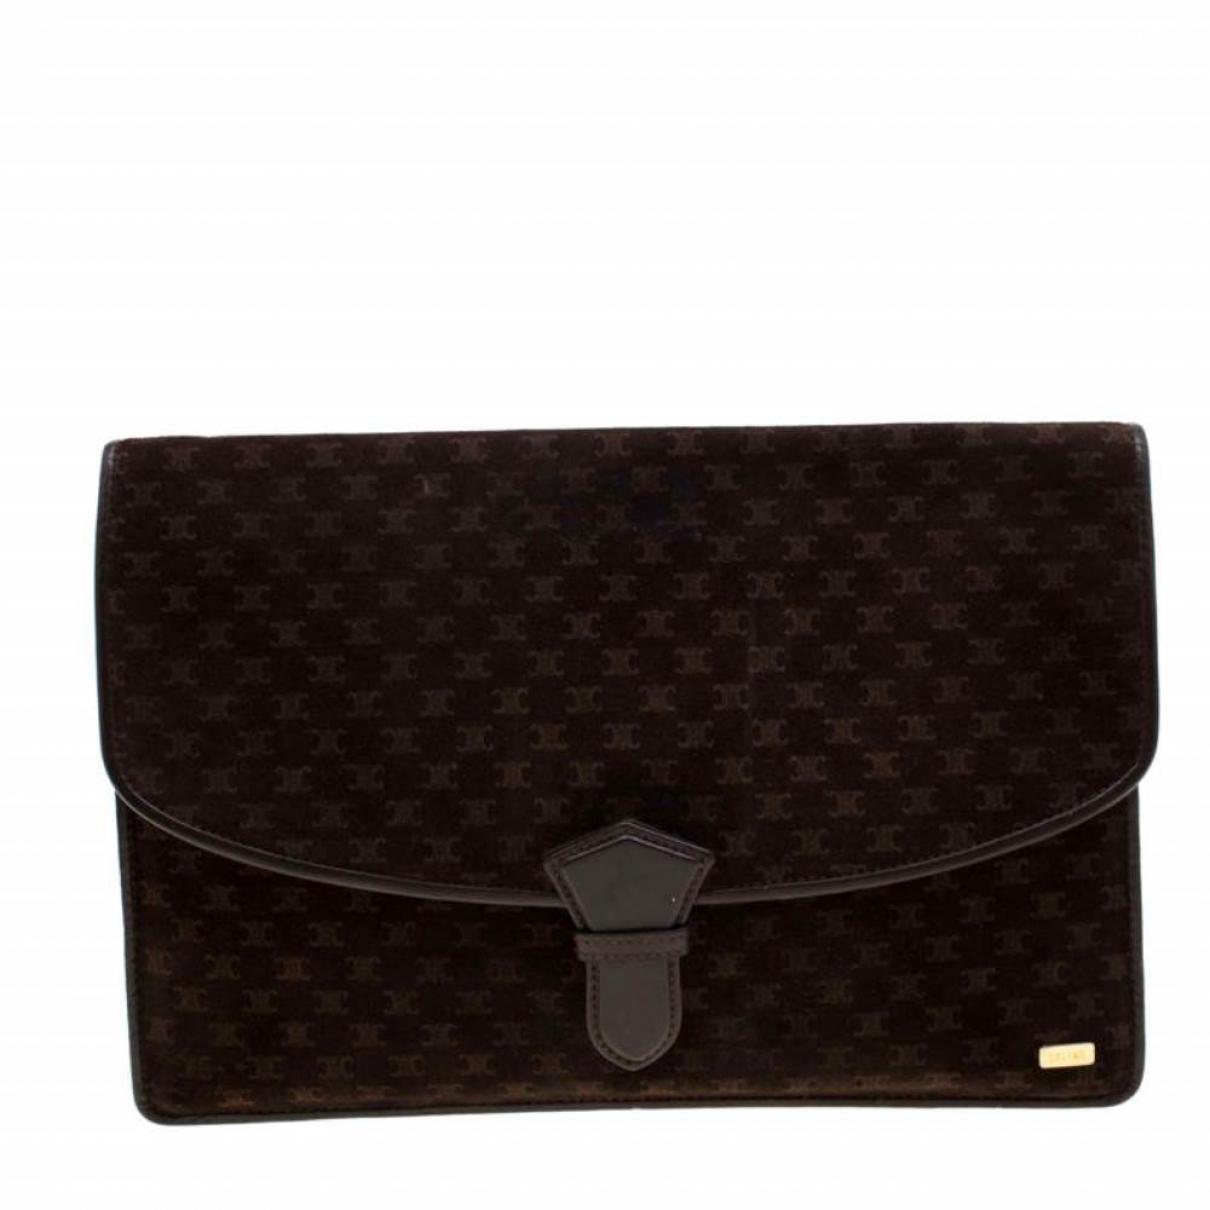 Celine \N Brown Suede Clutch bag for Women \N